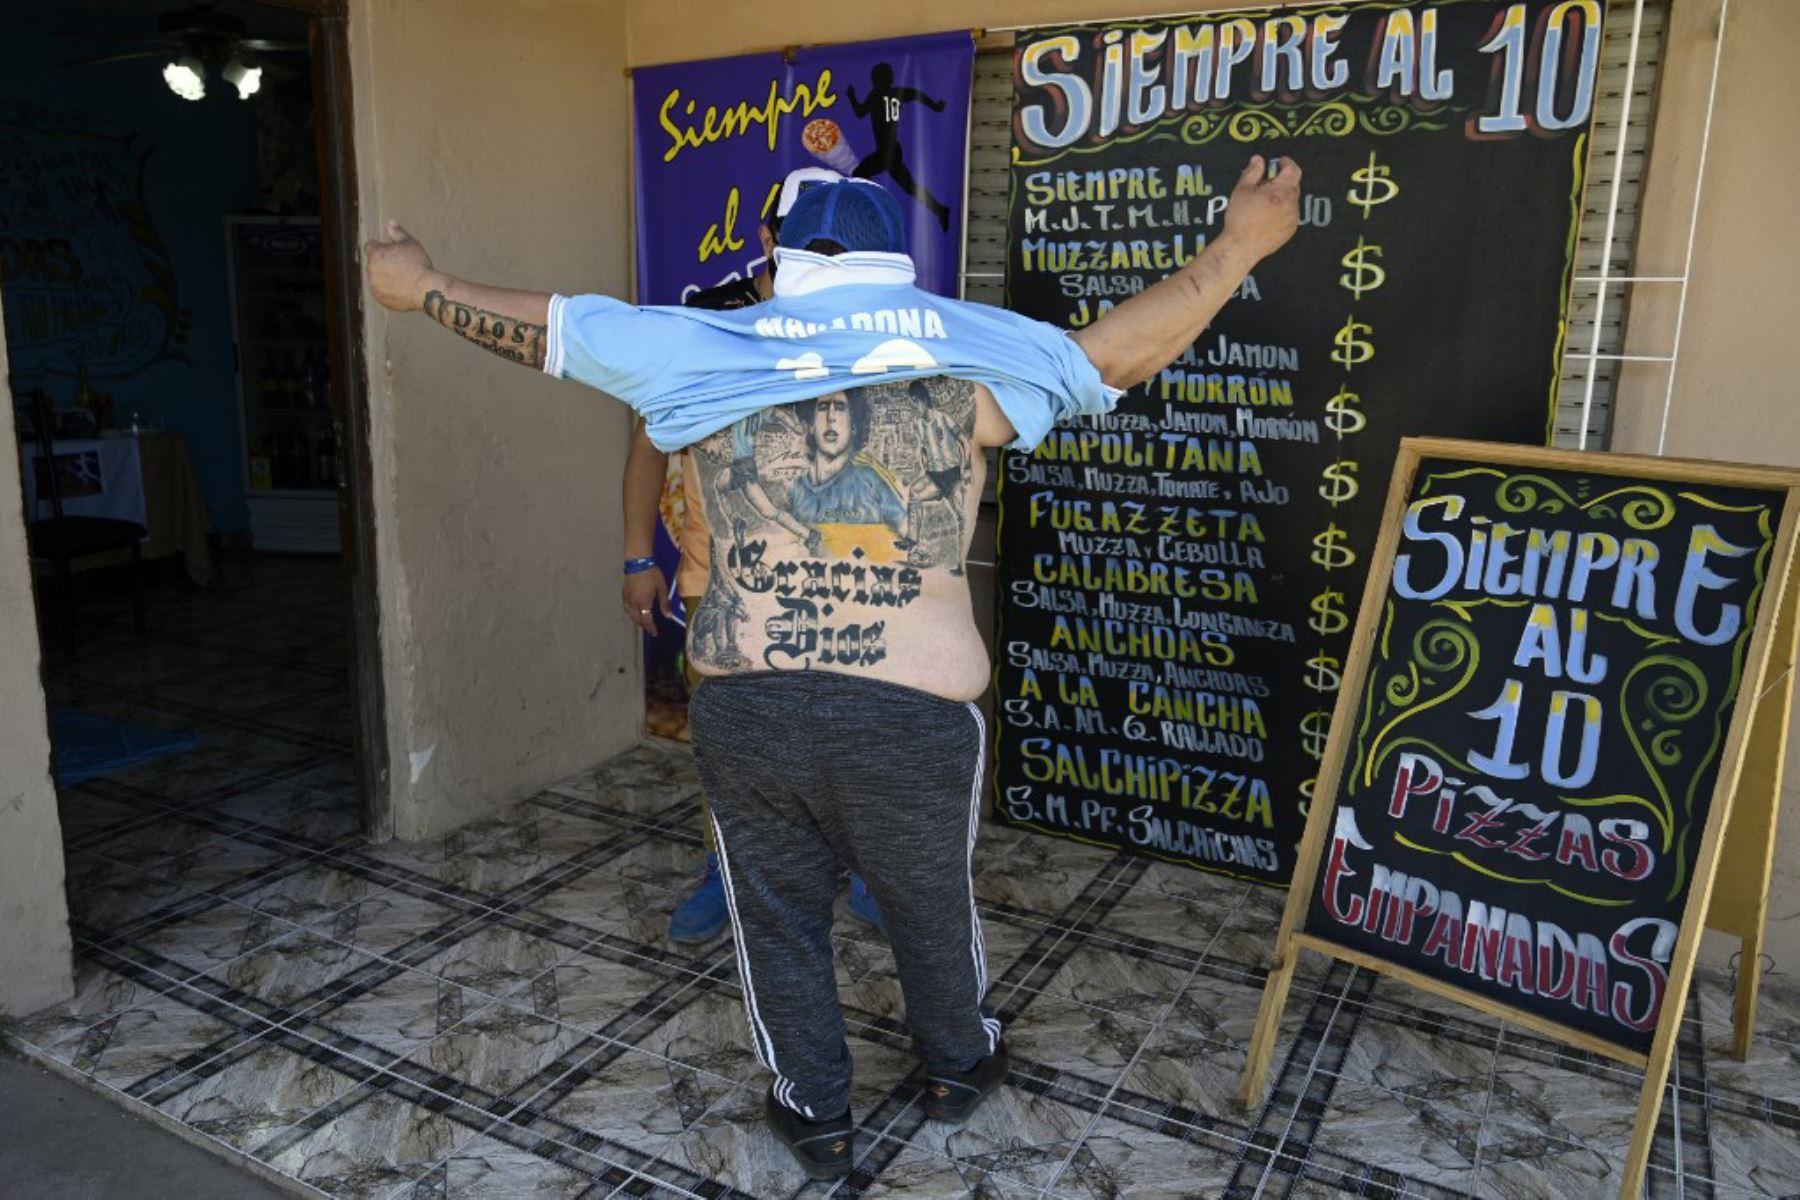 """El pizzero Guillermo Rodríguez, bautizado en la iglesia Maradoniana, muestra los tatuajes en su espalda que representan a la leyenda del fútbol argentino Diego Maradona, en su pizzería llamada """"Siempre al 10"""" (Siempre al 10), en referencia al número de la ex camiseta de su ídolo. , en Merlo, provincia de Buenos Aires. Rodríguez se hizo este tatuaje para conmemorar el 60 cumpleaños del actual entrenador de Gimnasia y Esgrima, que será el próximo 30 de octubre.  Foto: AFP"""